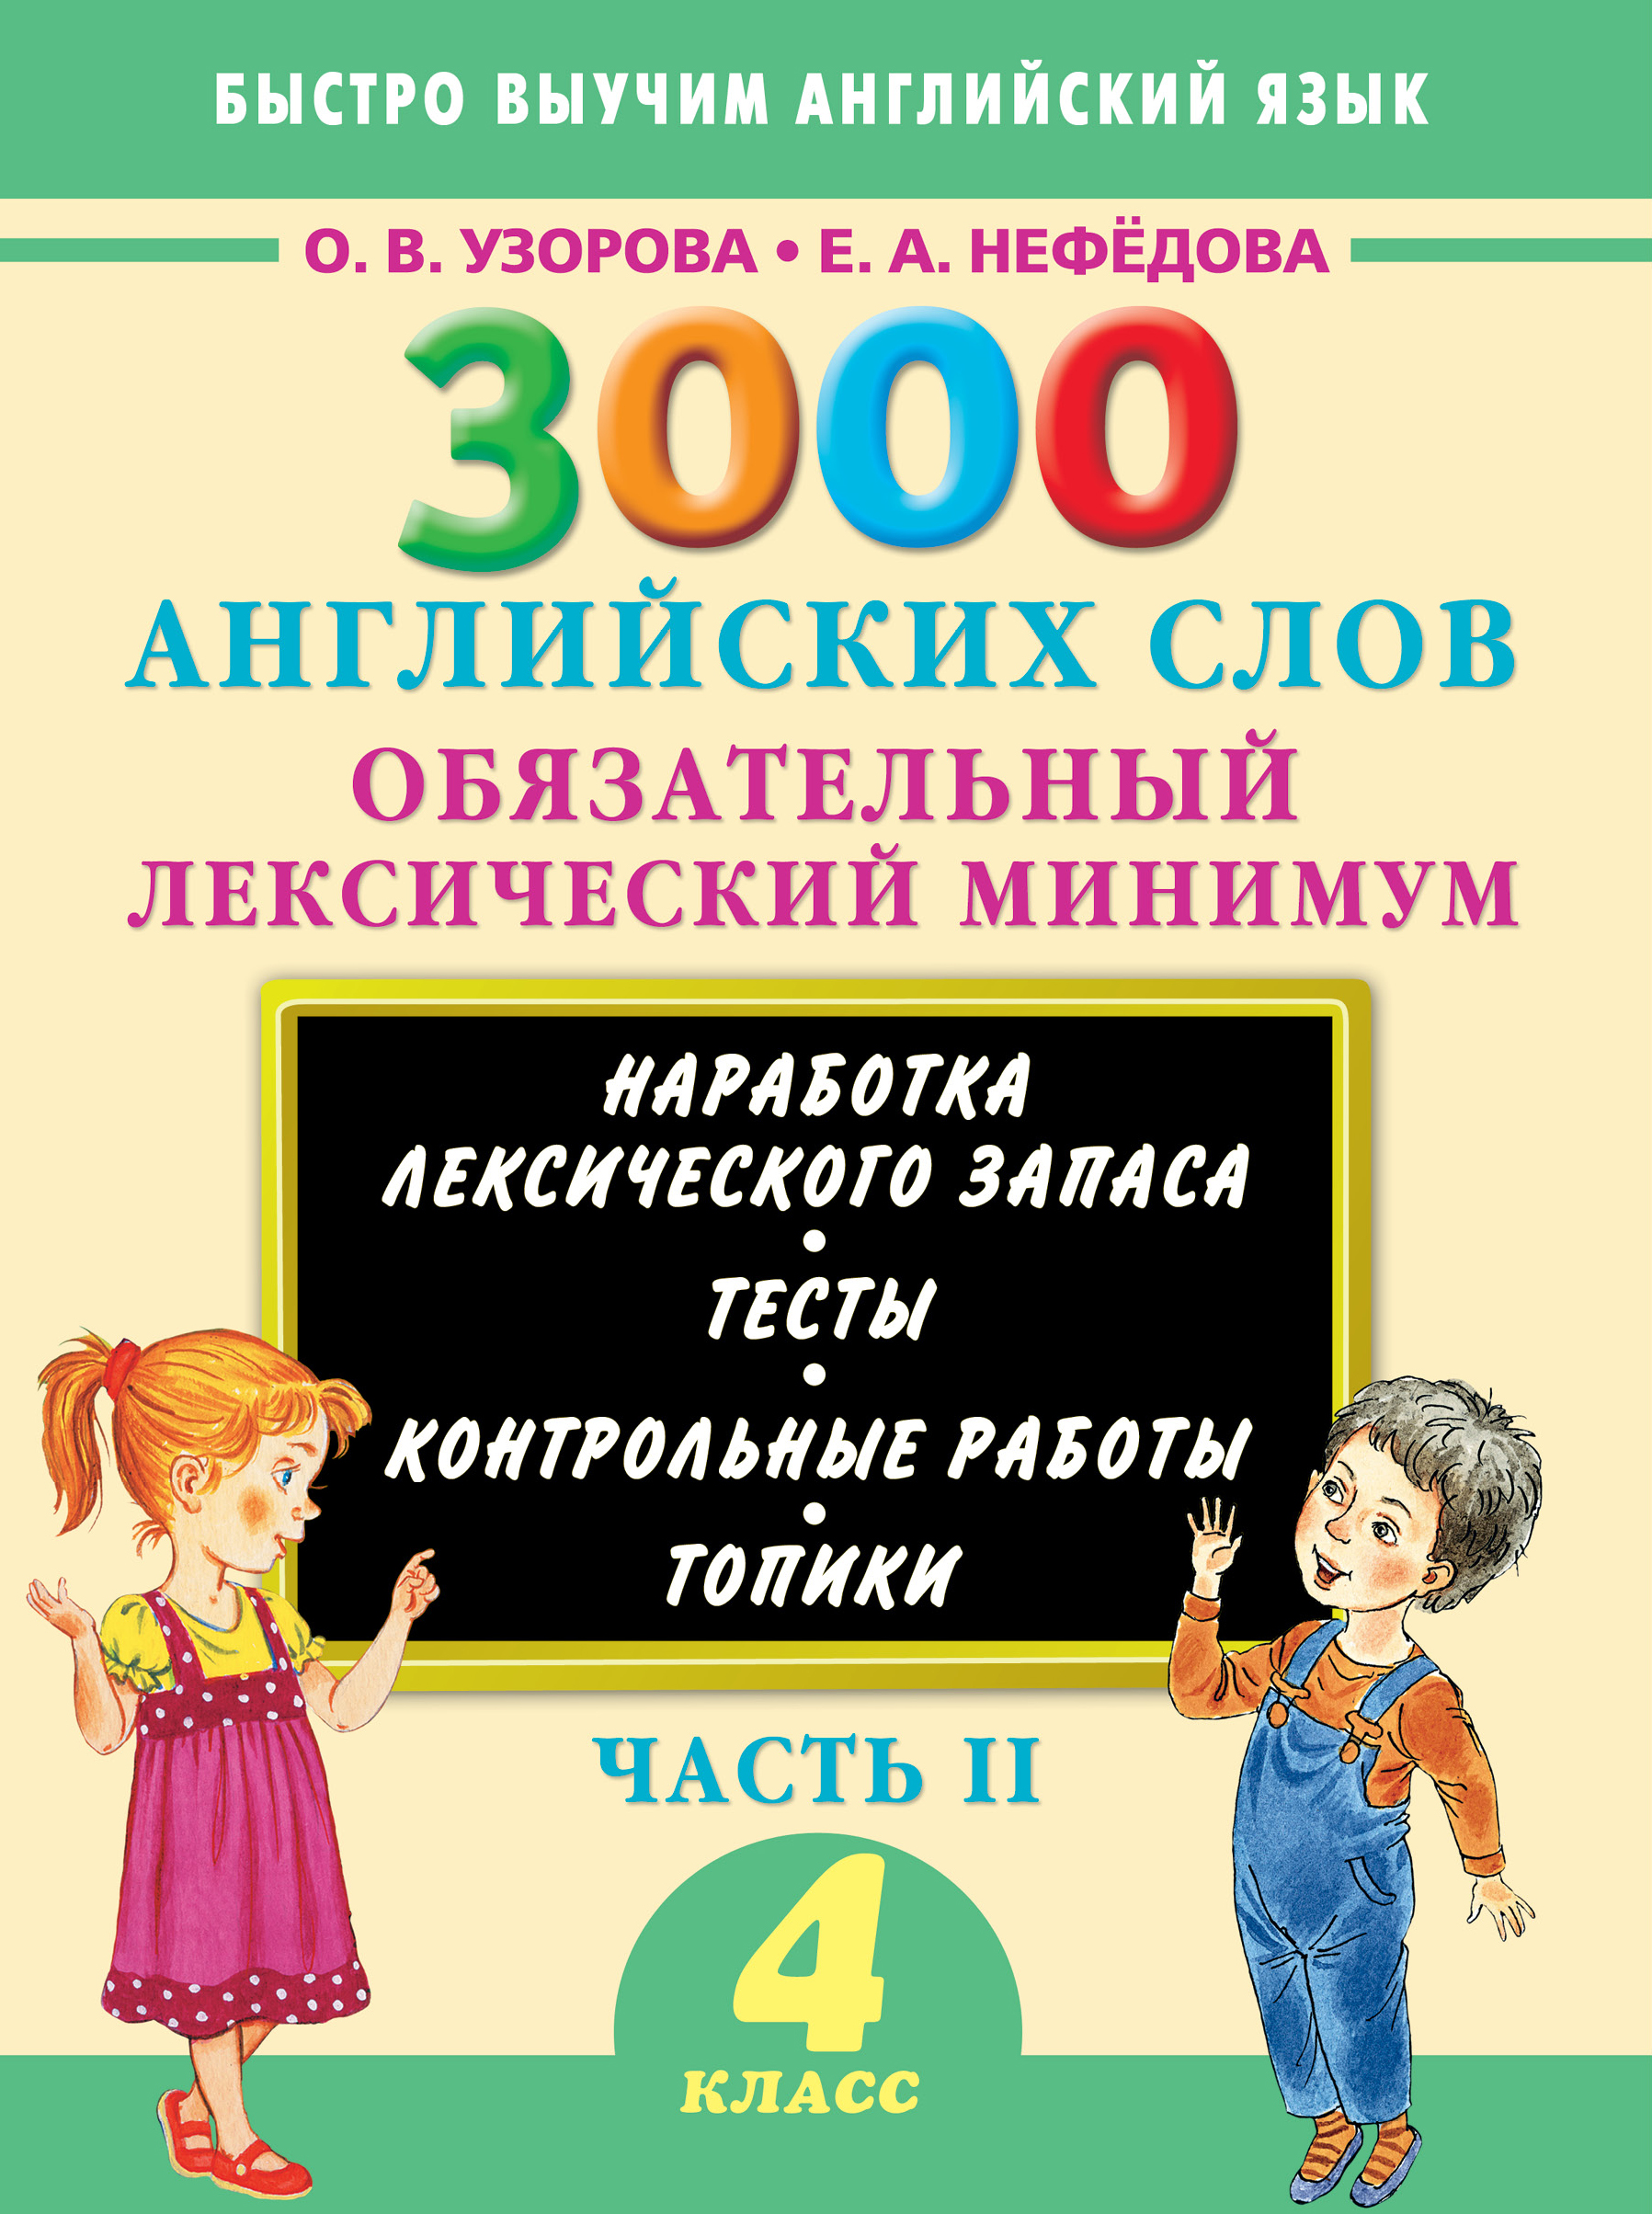 3000 английских слов. Обязательный лексический минимум. 4 класс. 2 часть